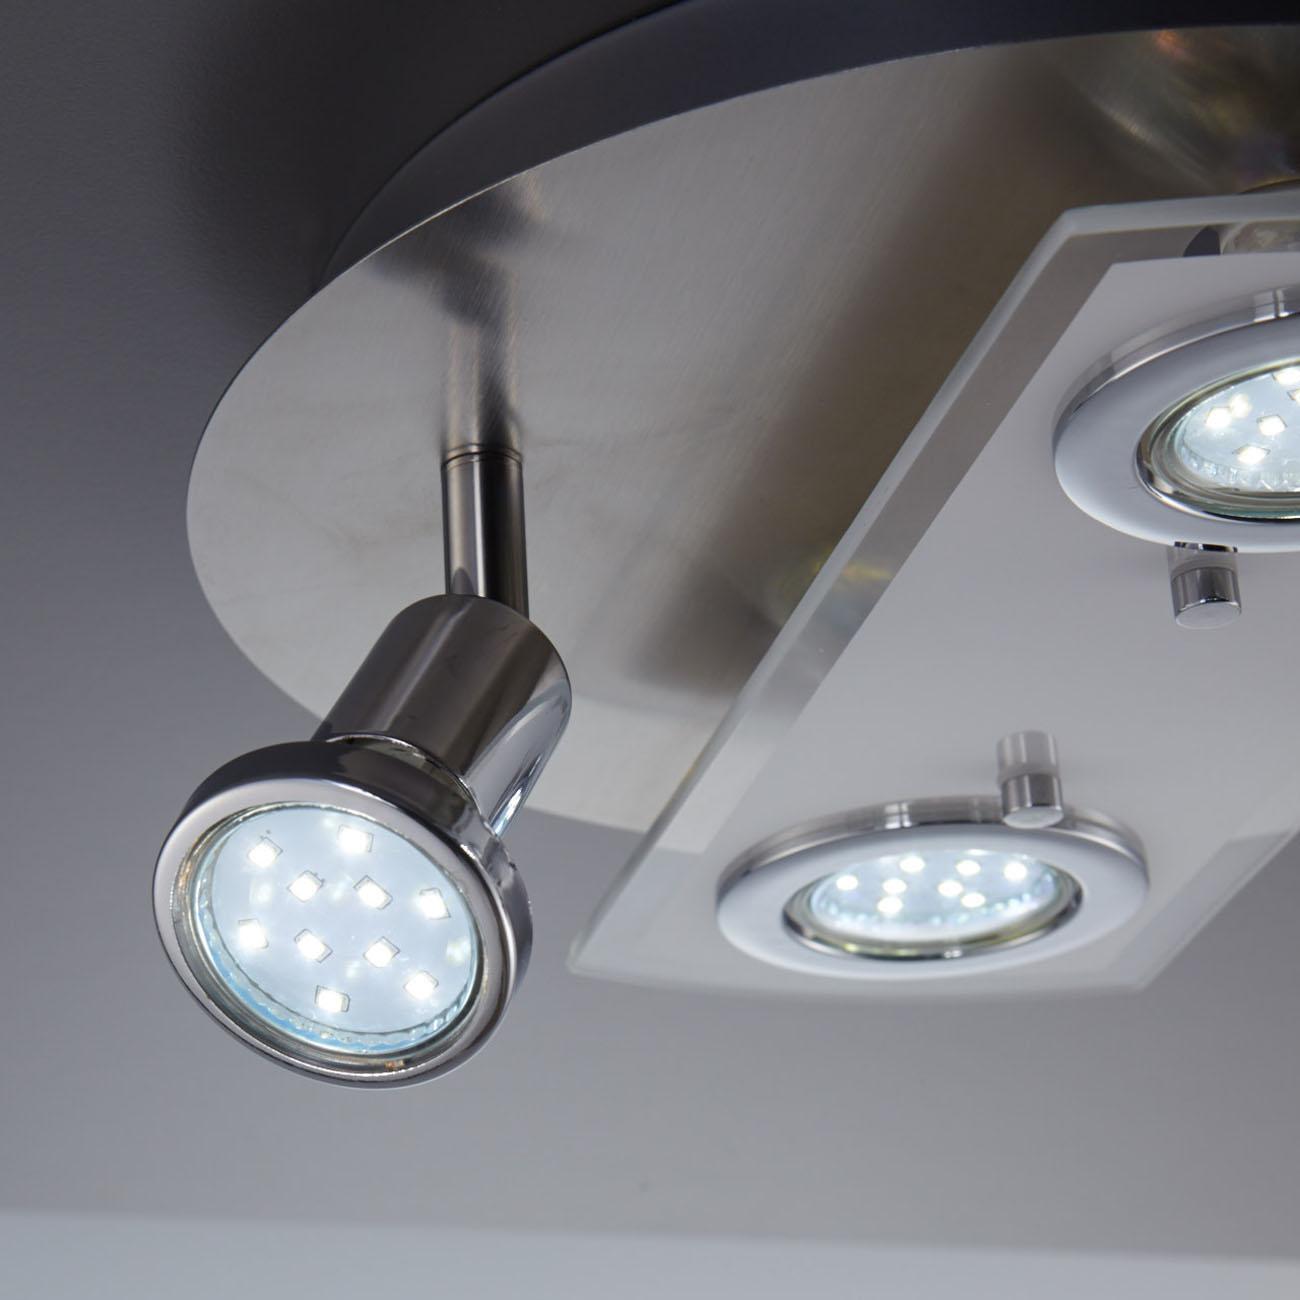 LED Kombi Deckenleuchte Spotleuchte 4-flammig rund - 4